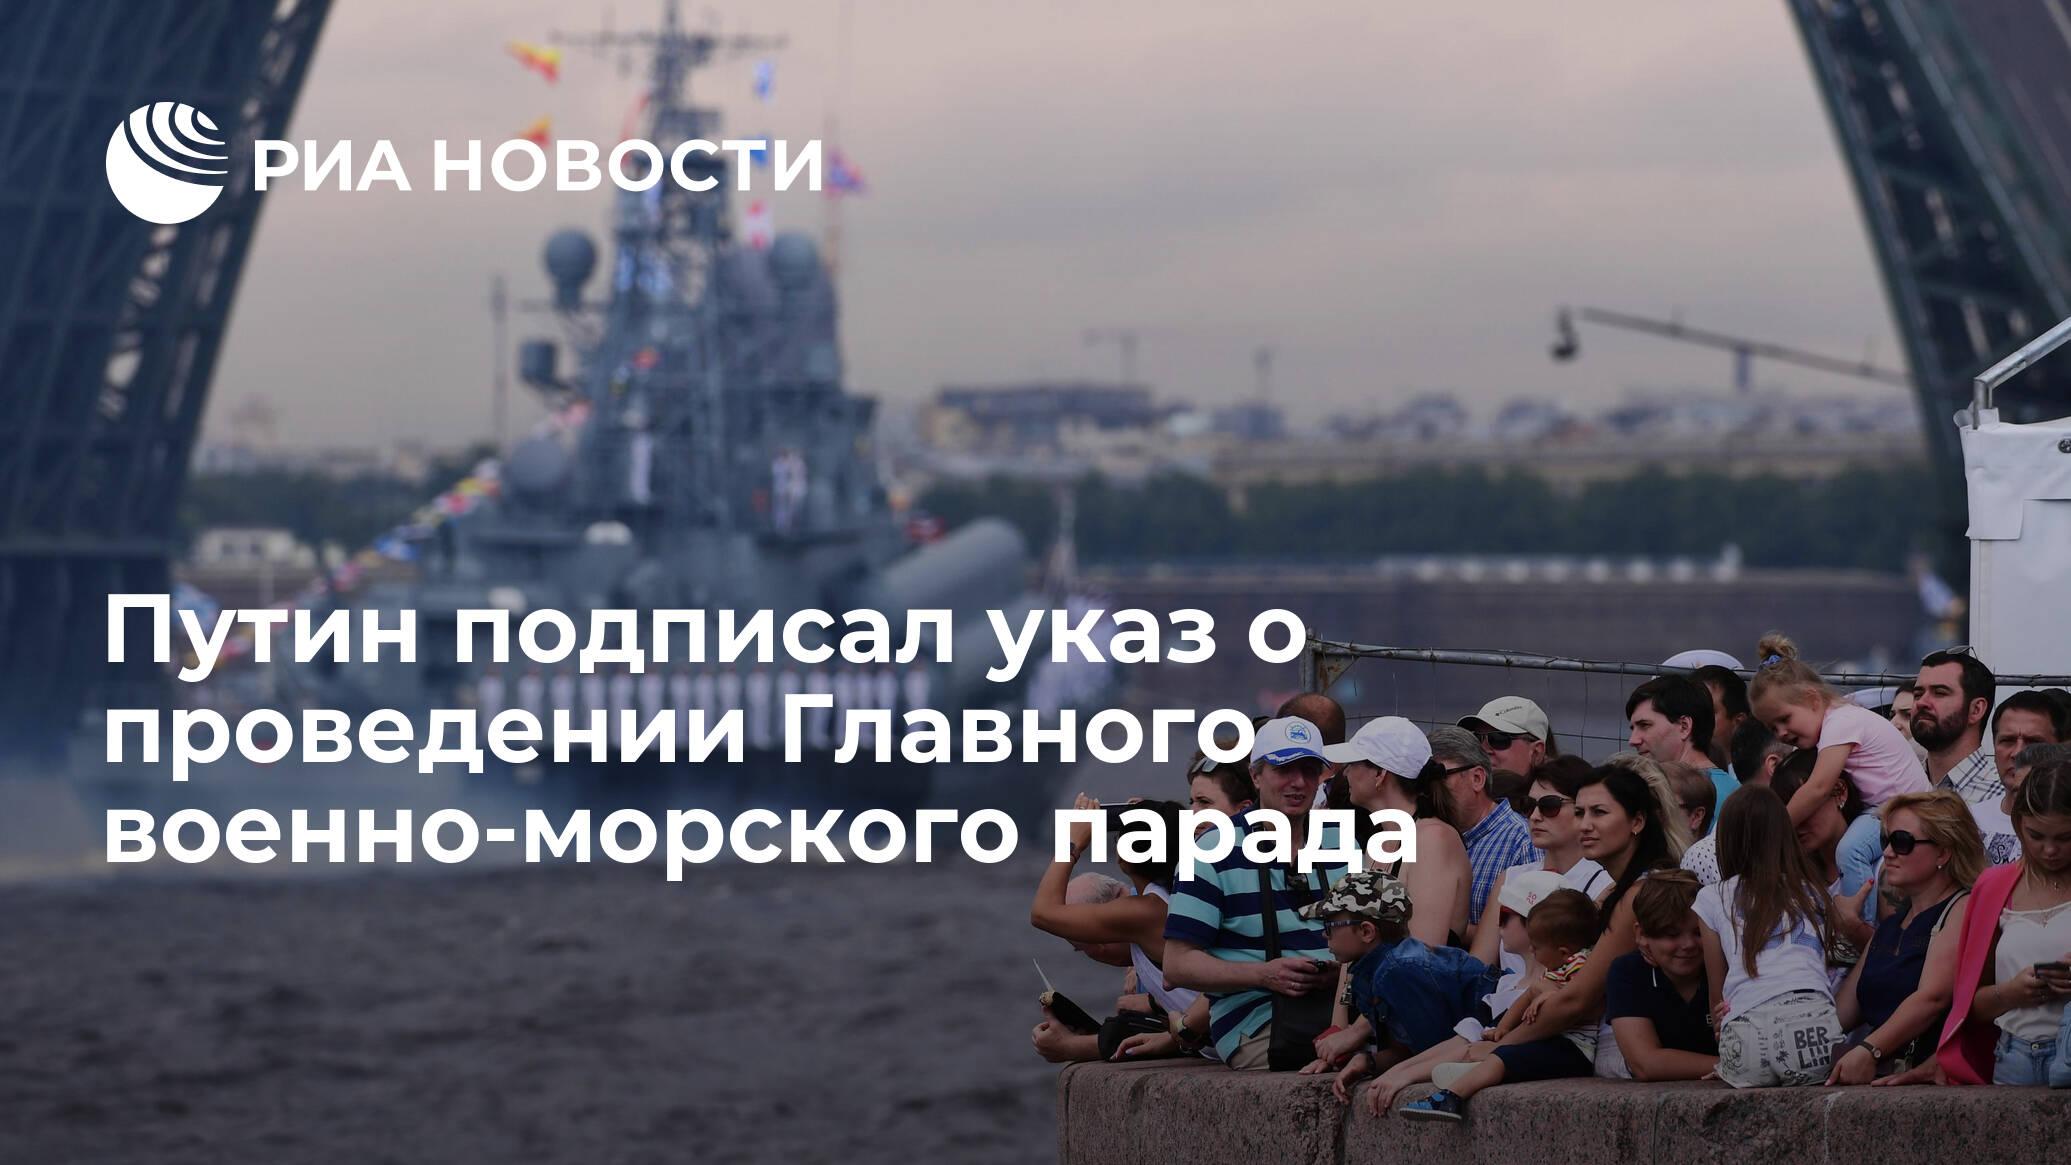 Путин подписал указ о проведении Главного военно-морского парада